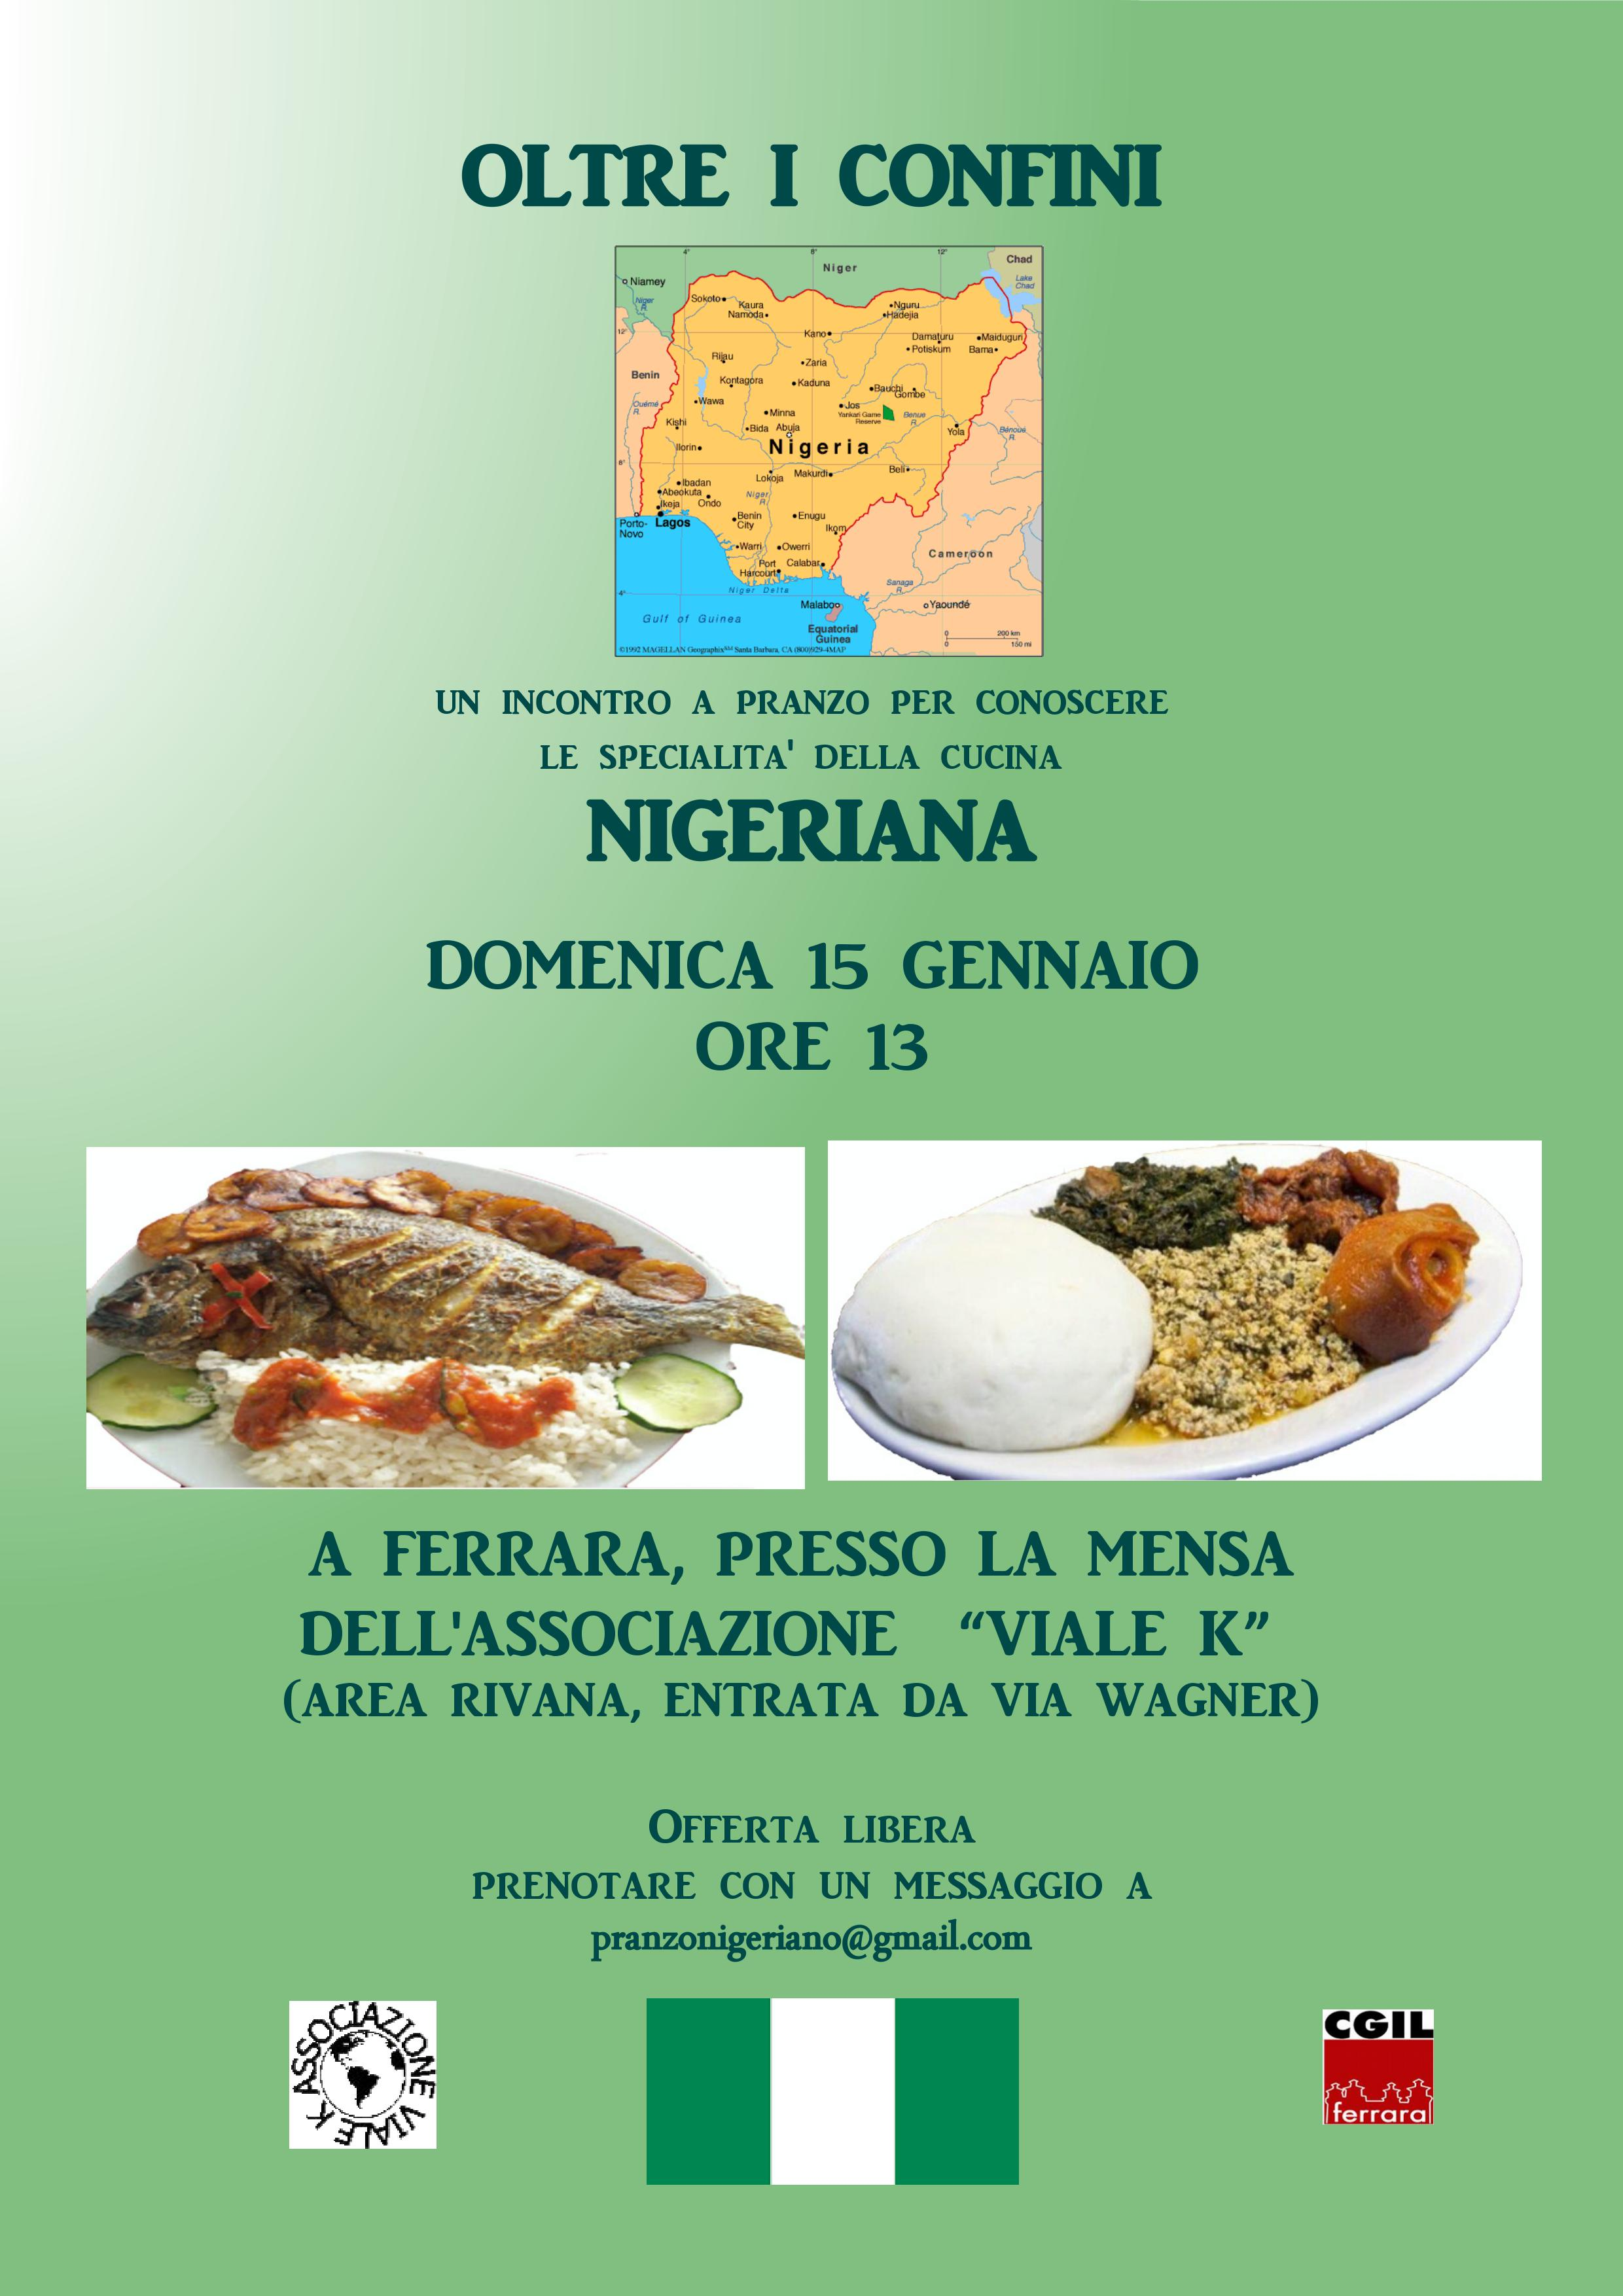 Oltre i confini: pranzo con specialità nigeriane